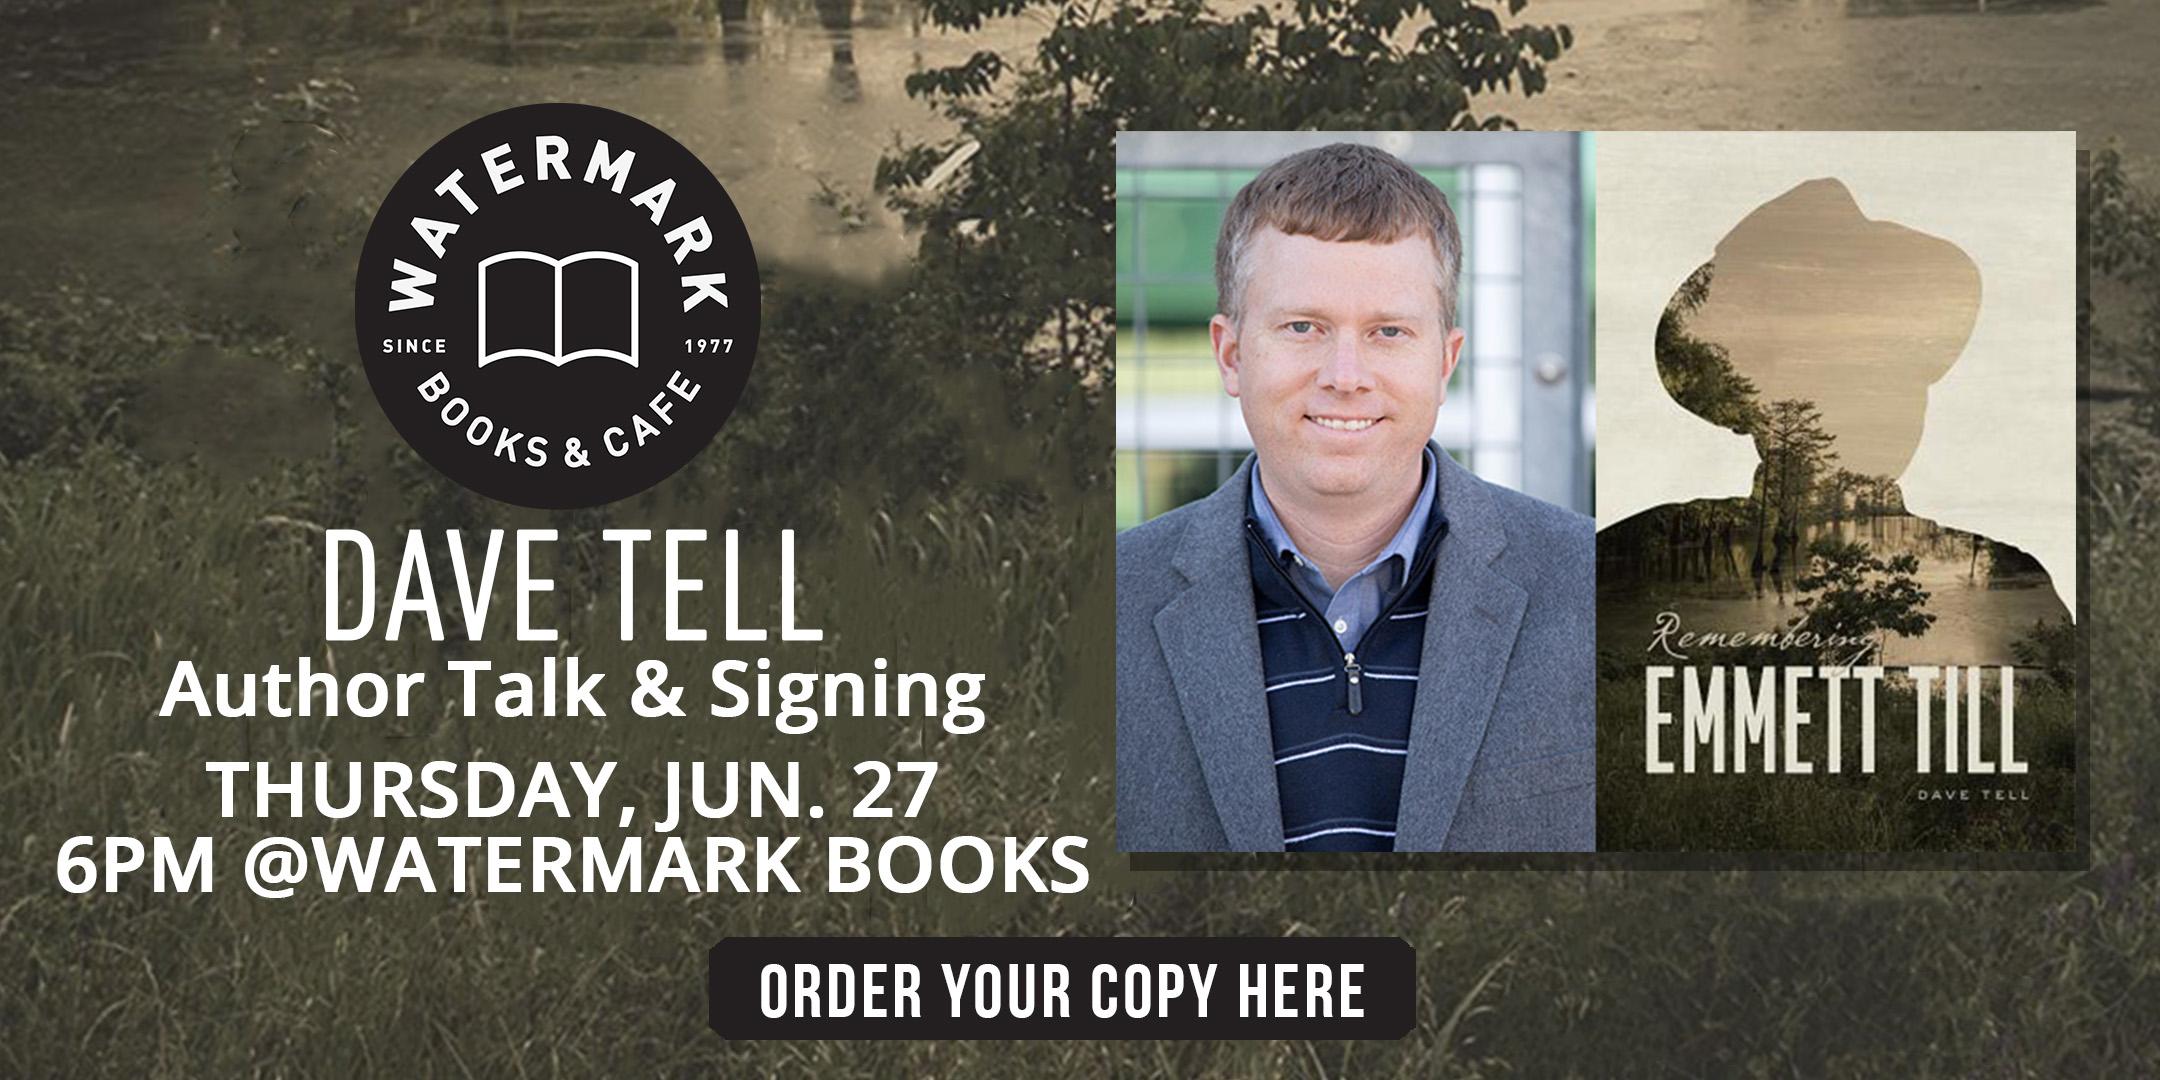 Dave Tell, Author talk, book signing, Emmett Till, remembering Emmett Till